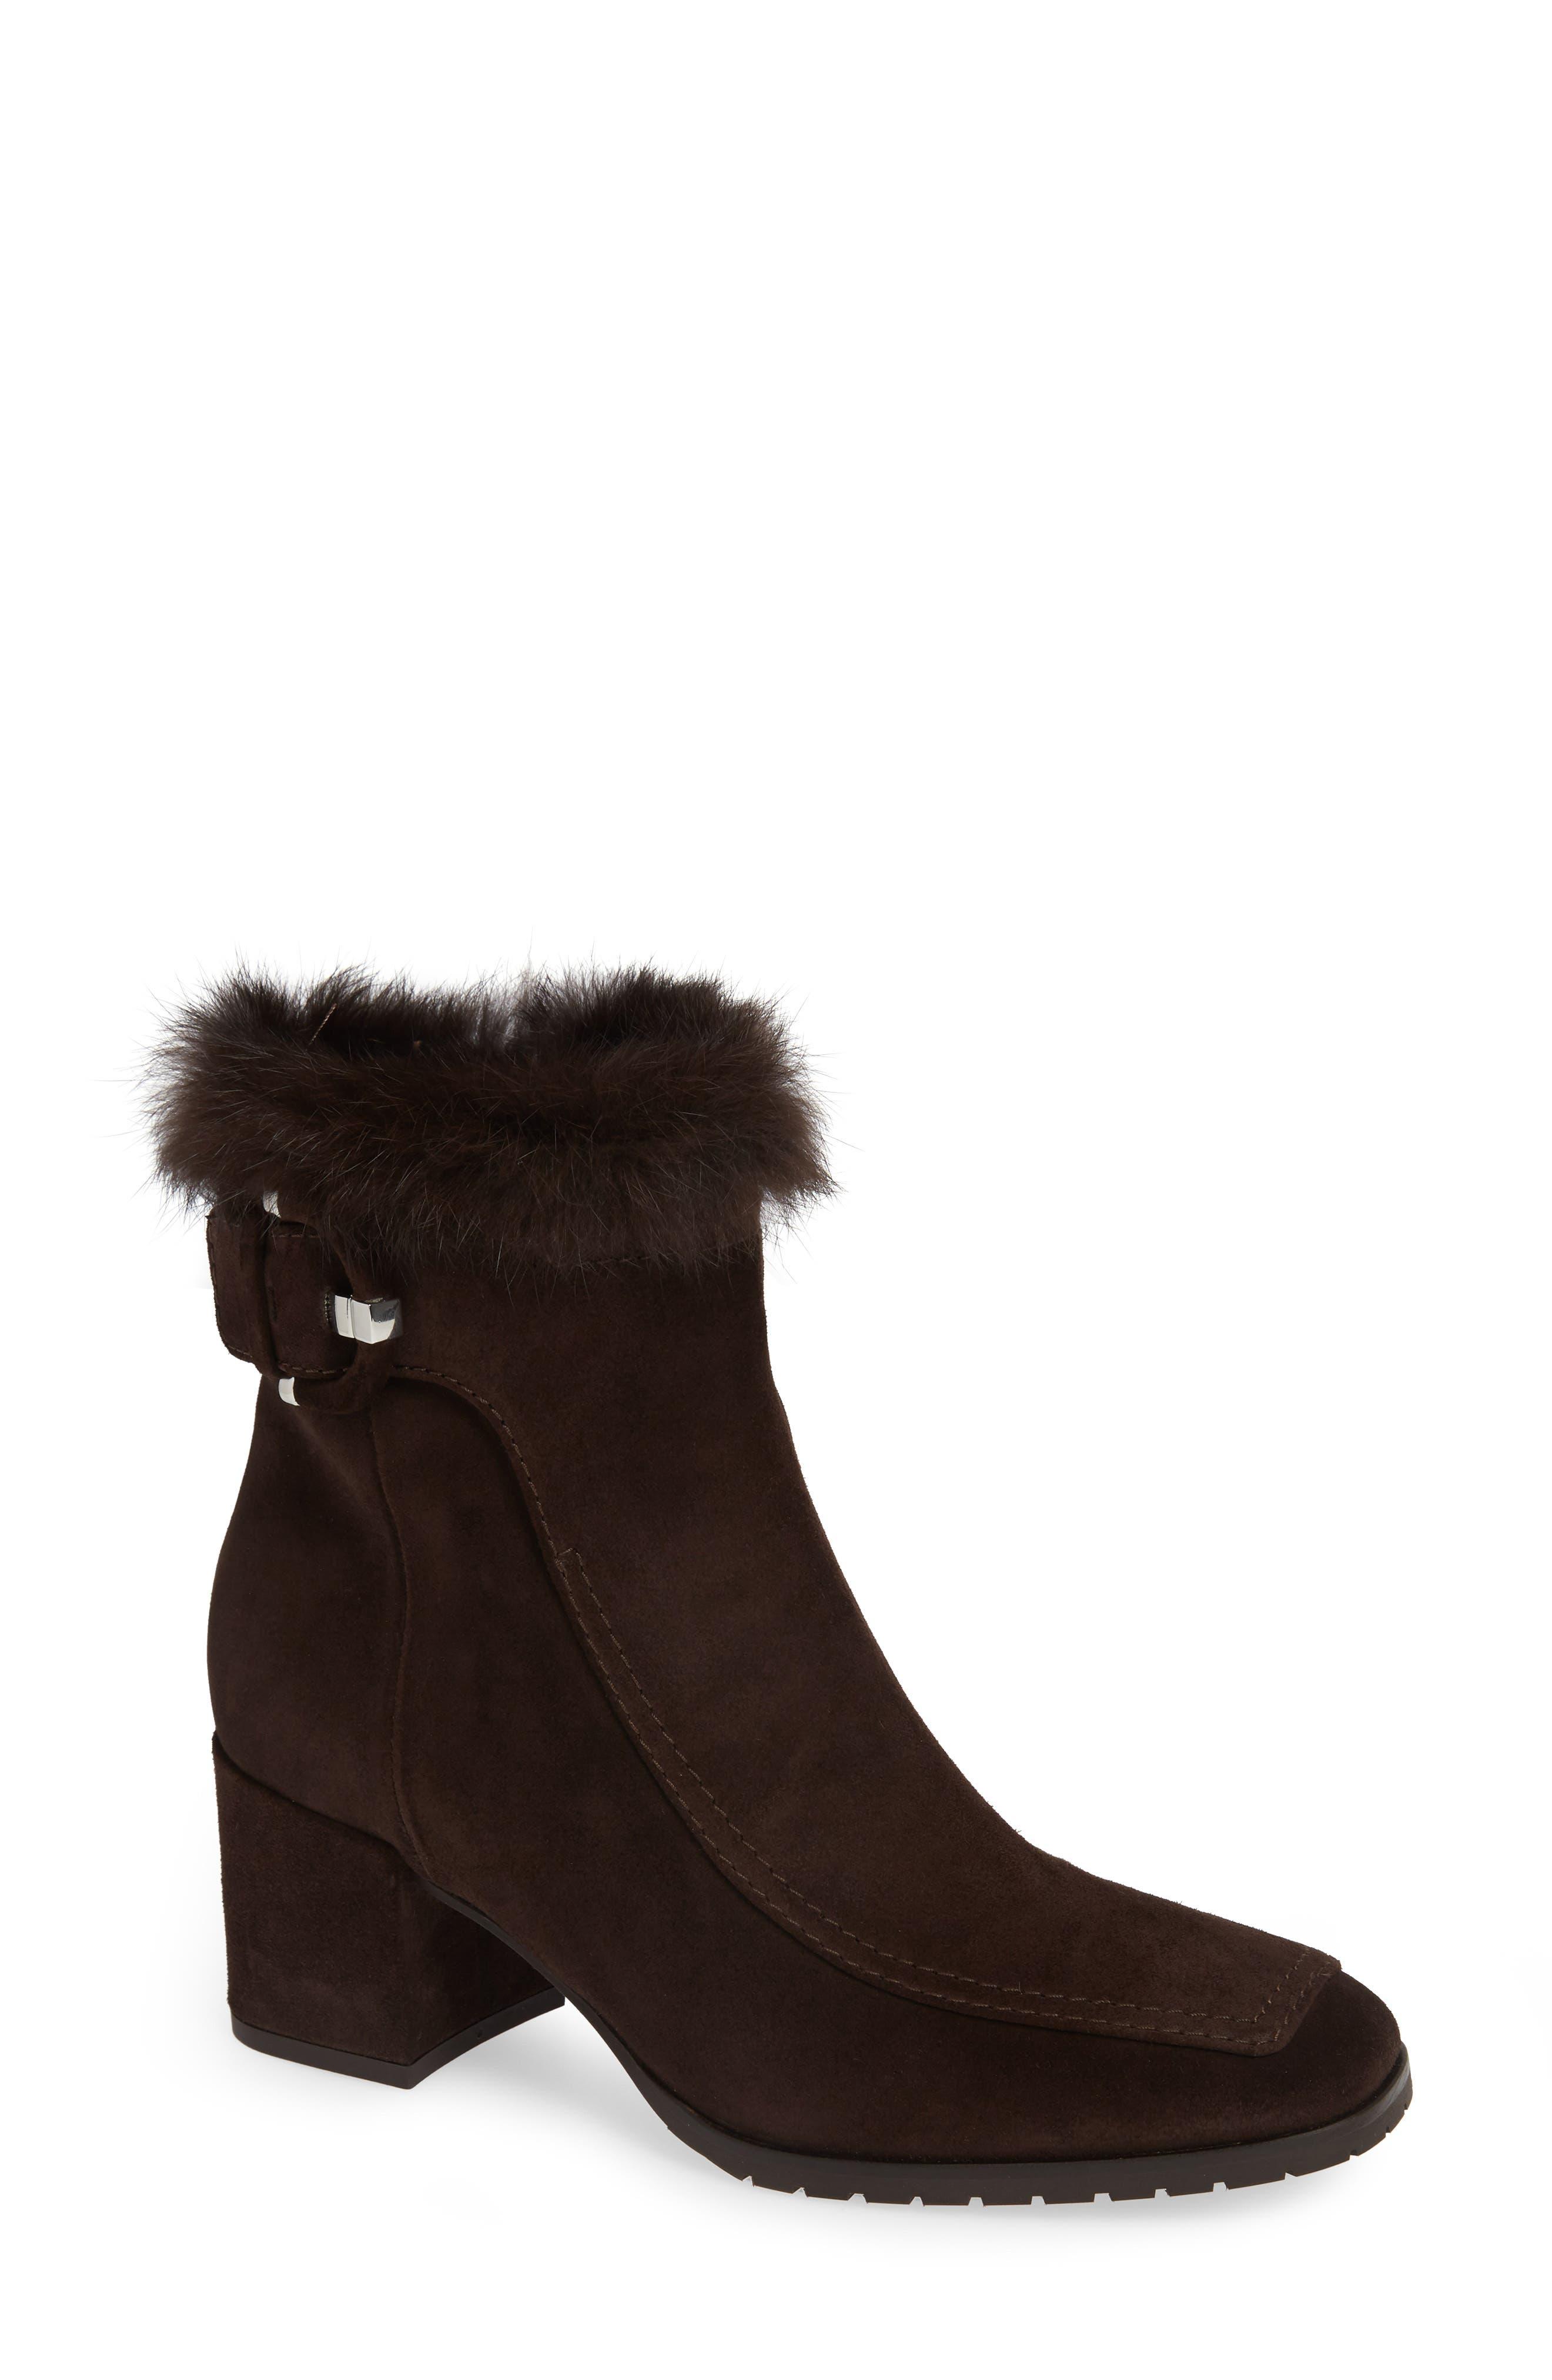 Aquatalia Water Resistant Genuine Rabbit Fur Trim Block Heel Bootie- Brown